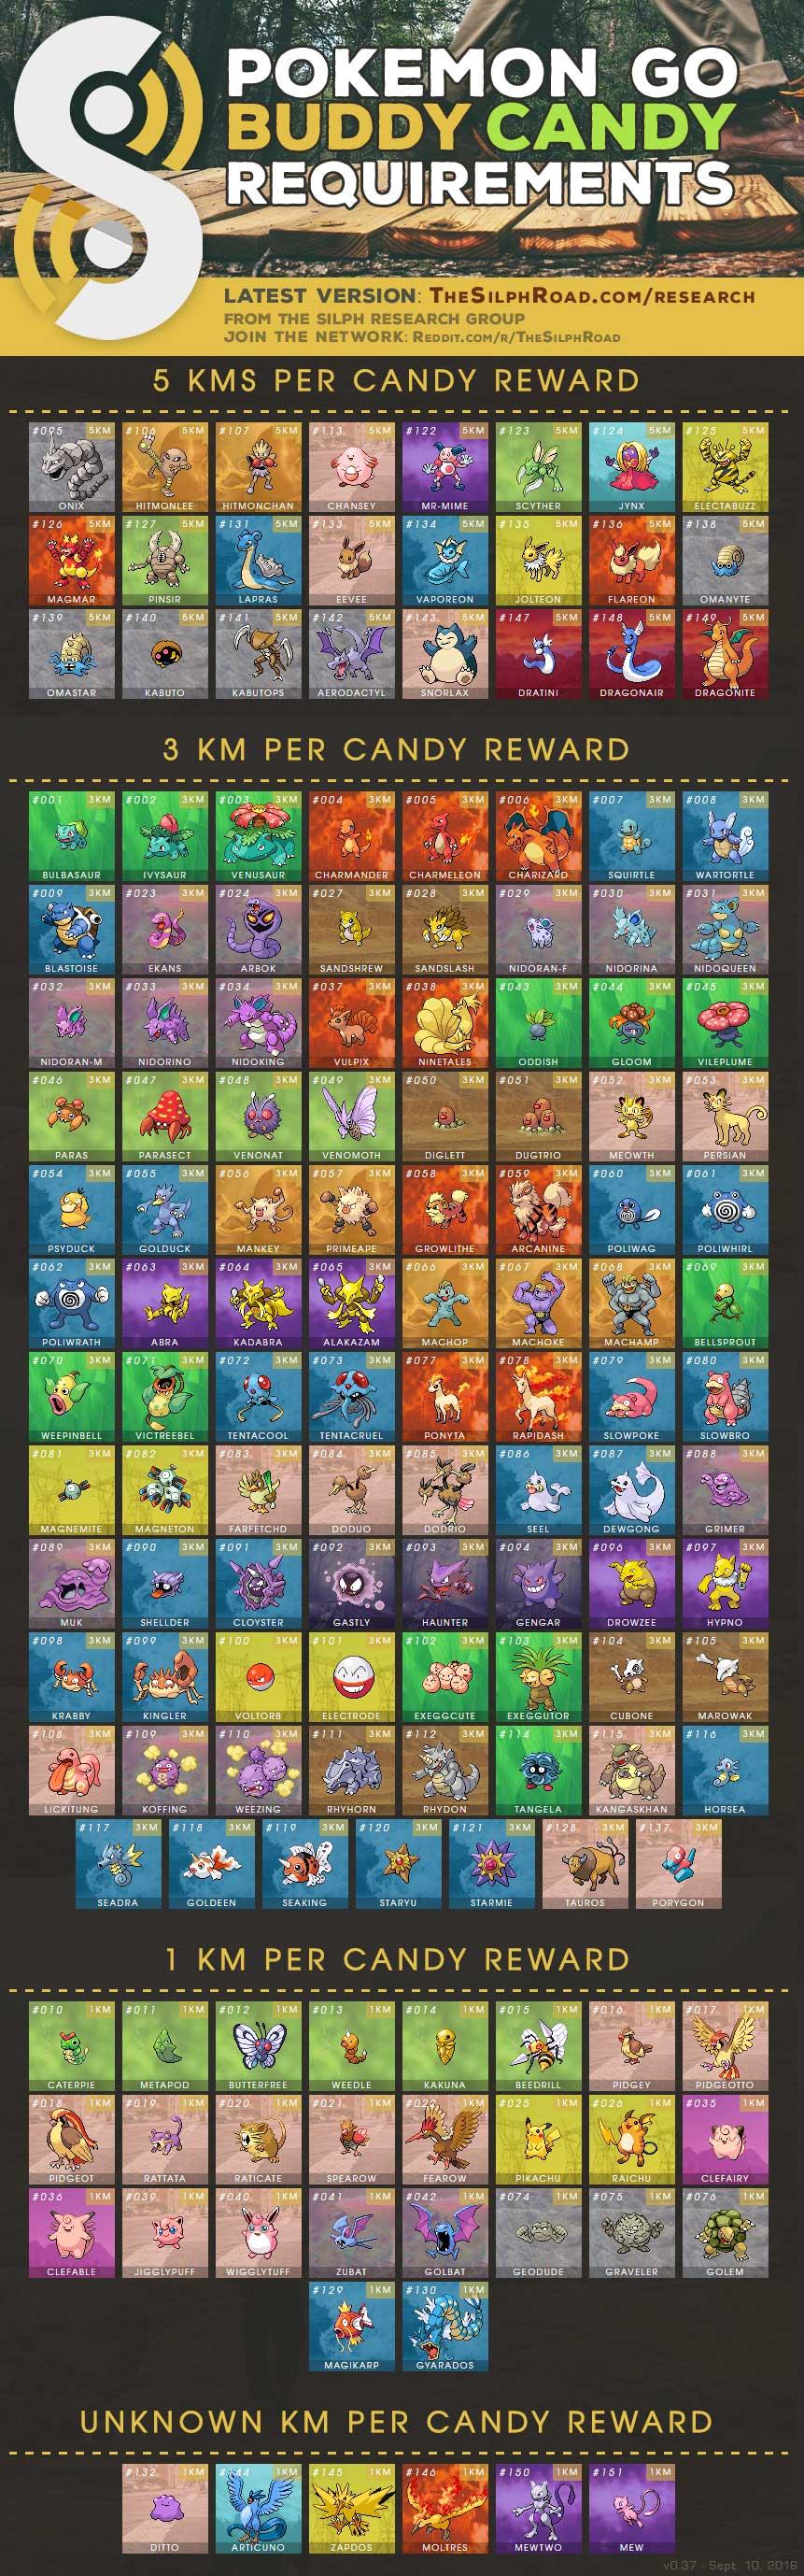 pokemongo-23